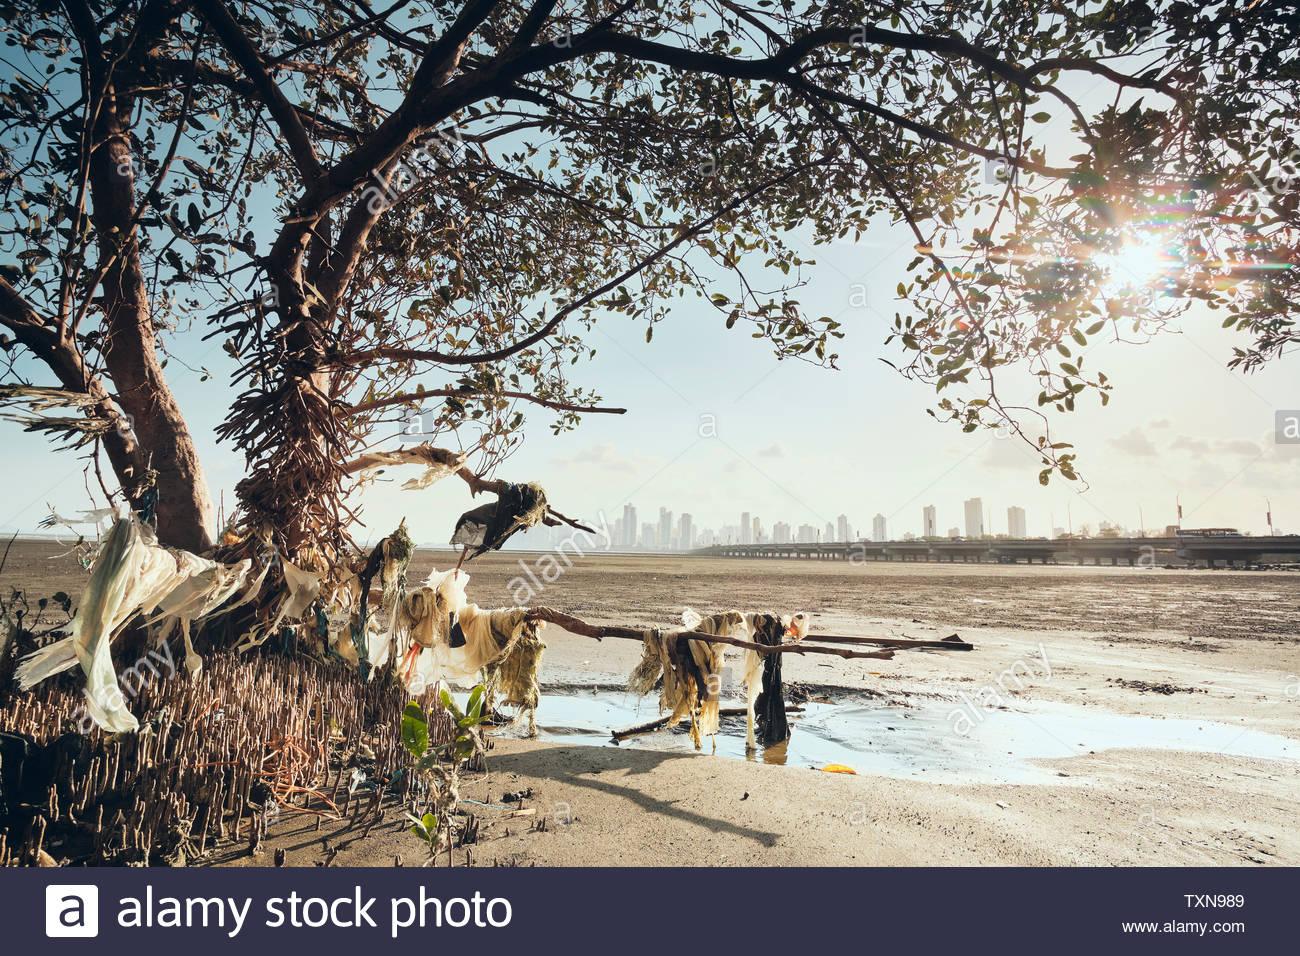 Plastic pollution on seashore, Costa del Este, Ciudad de Panamá, Panama - Stock Image